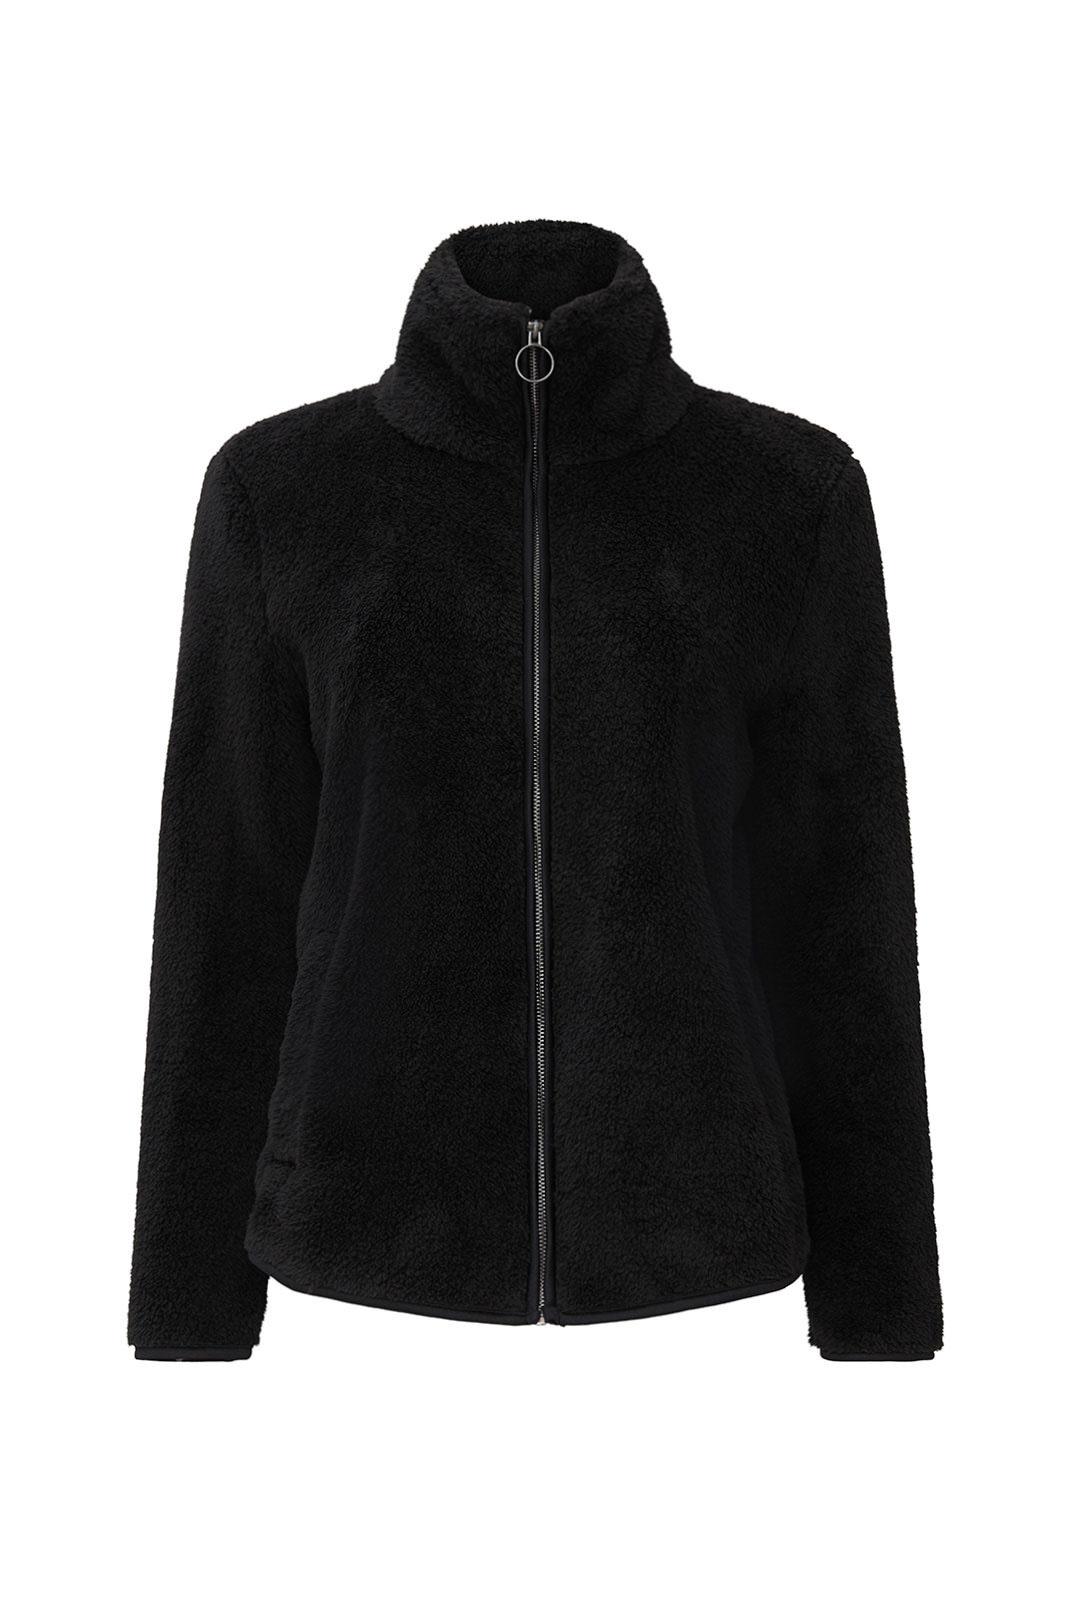 B Collection by Bobeau Alonso Sherpa Jacket